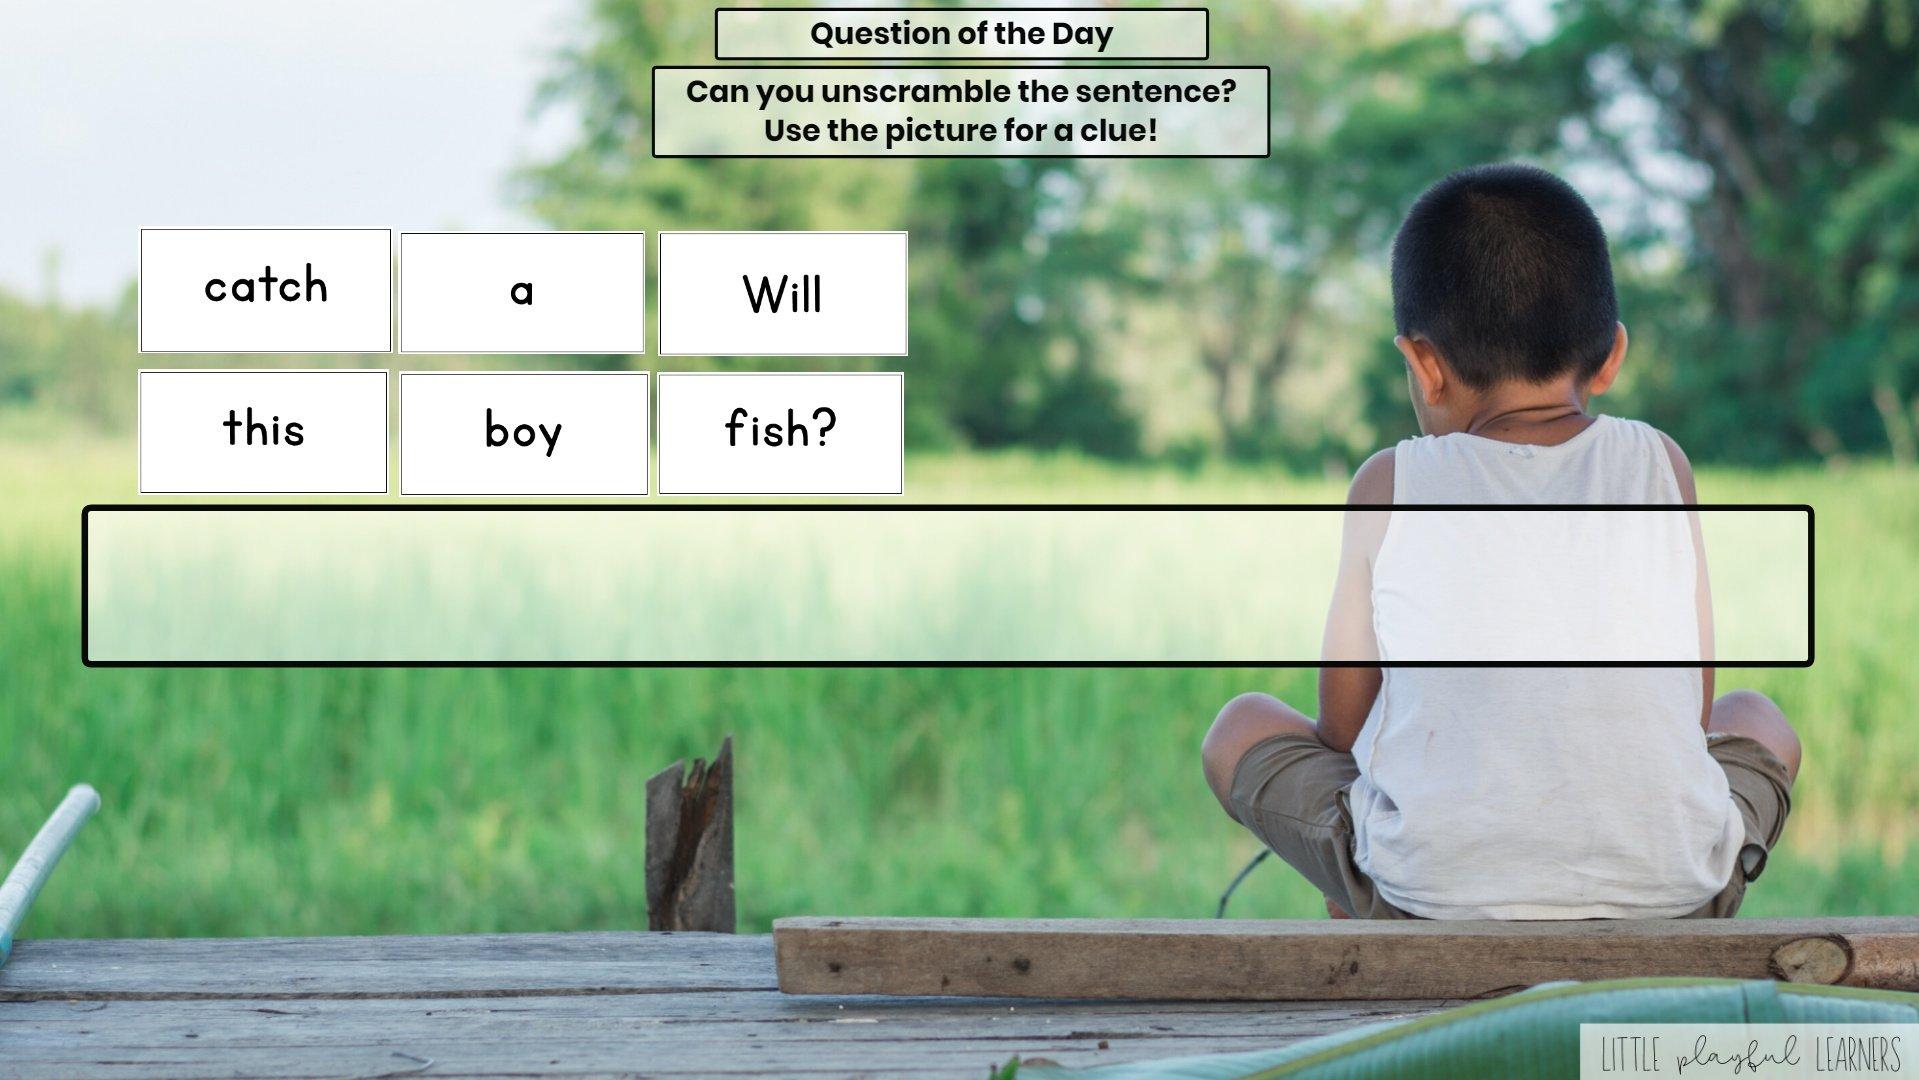 Seesaw: Sentence scramble - fishing theme